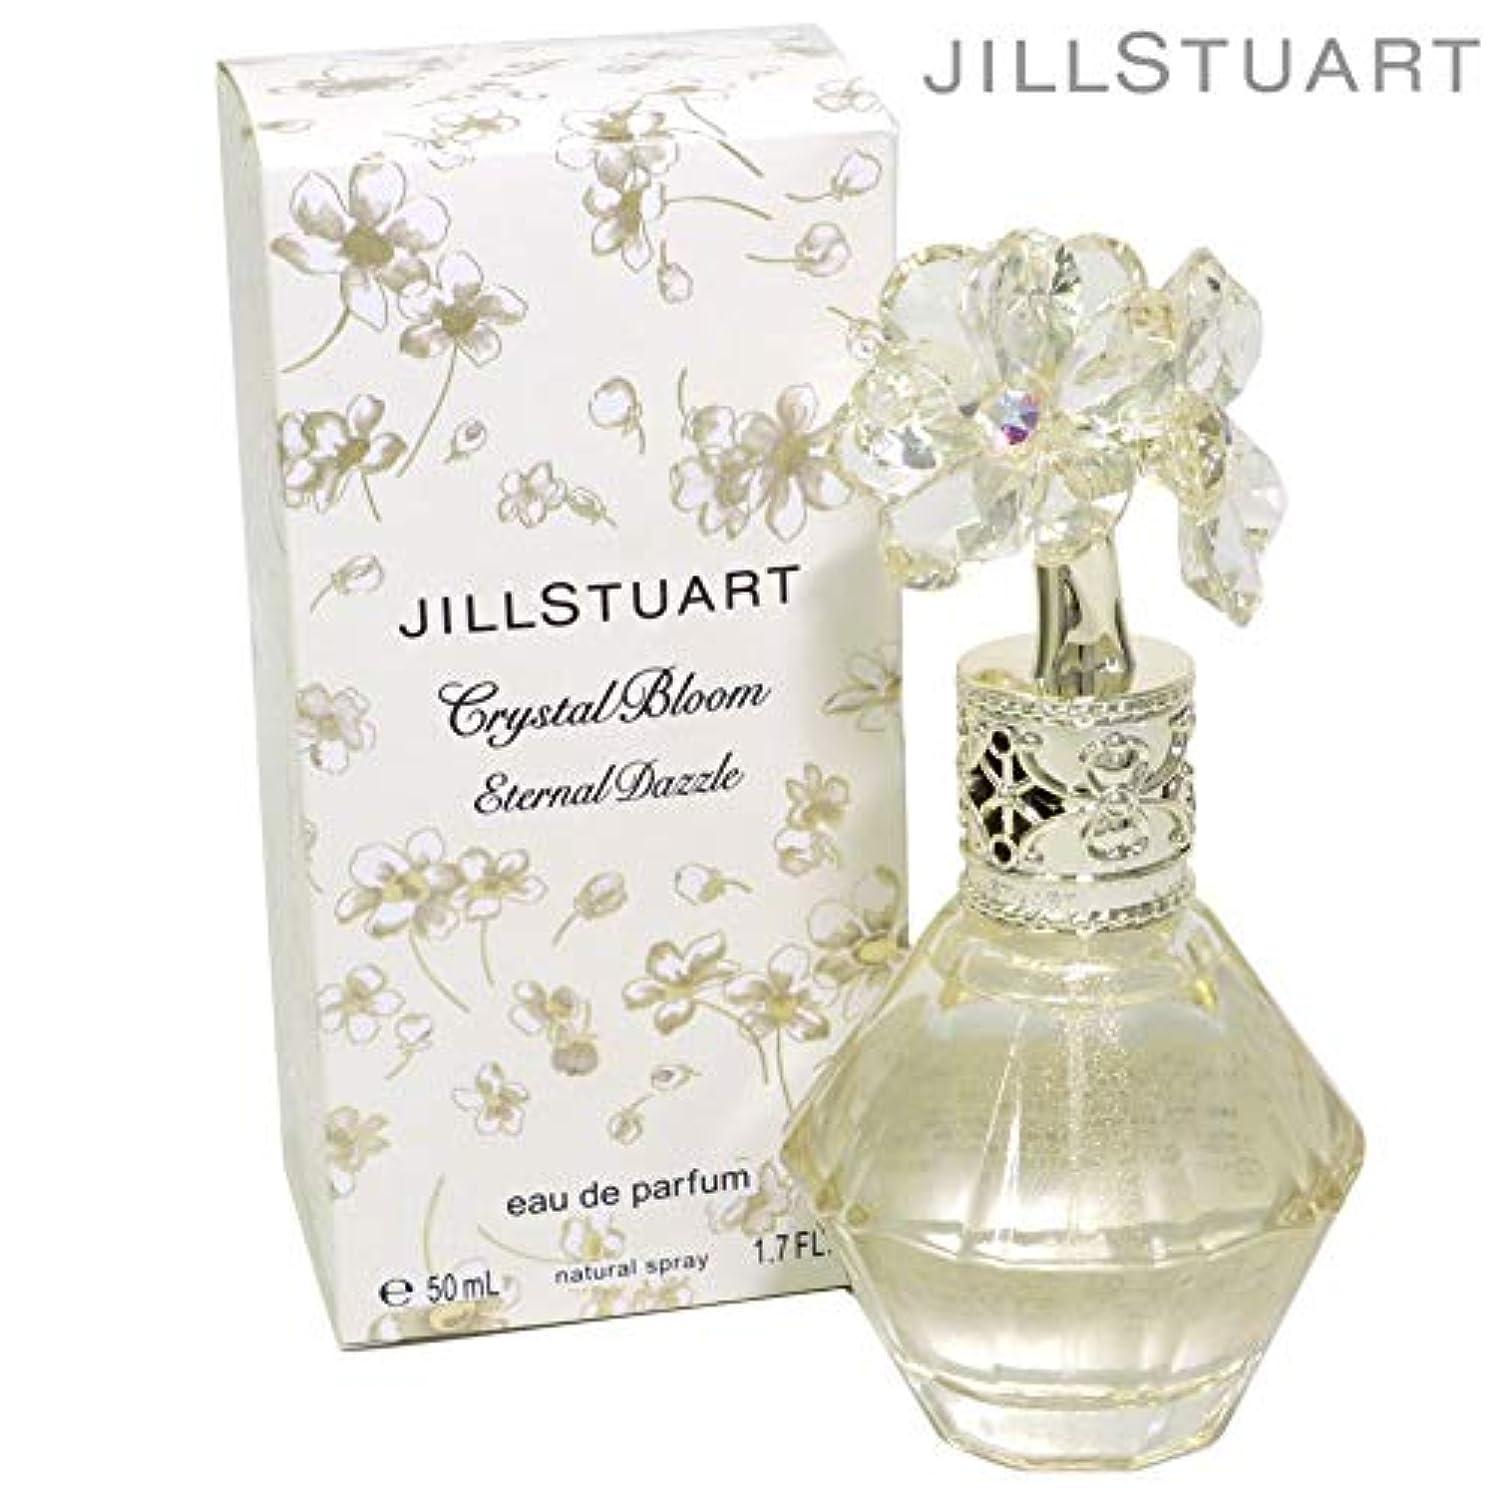 記念品中古切り刻むJILL STUART(ジルスチュアート) クリスタルブルーム エターナルダズル オードパルファン 50ml 『Crystal Bloom Eternal Dazzle eau de parfum』